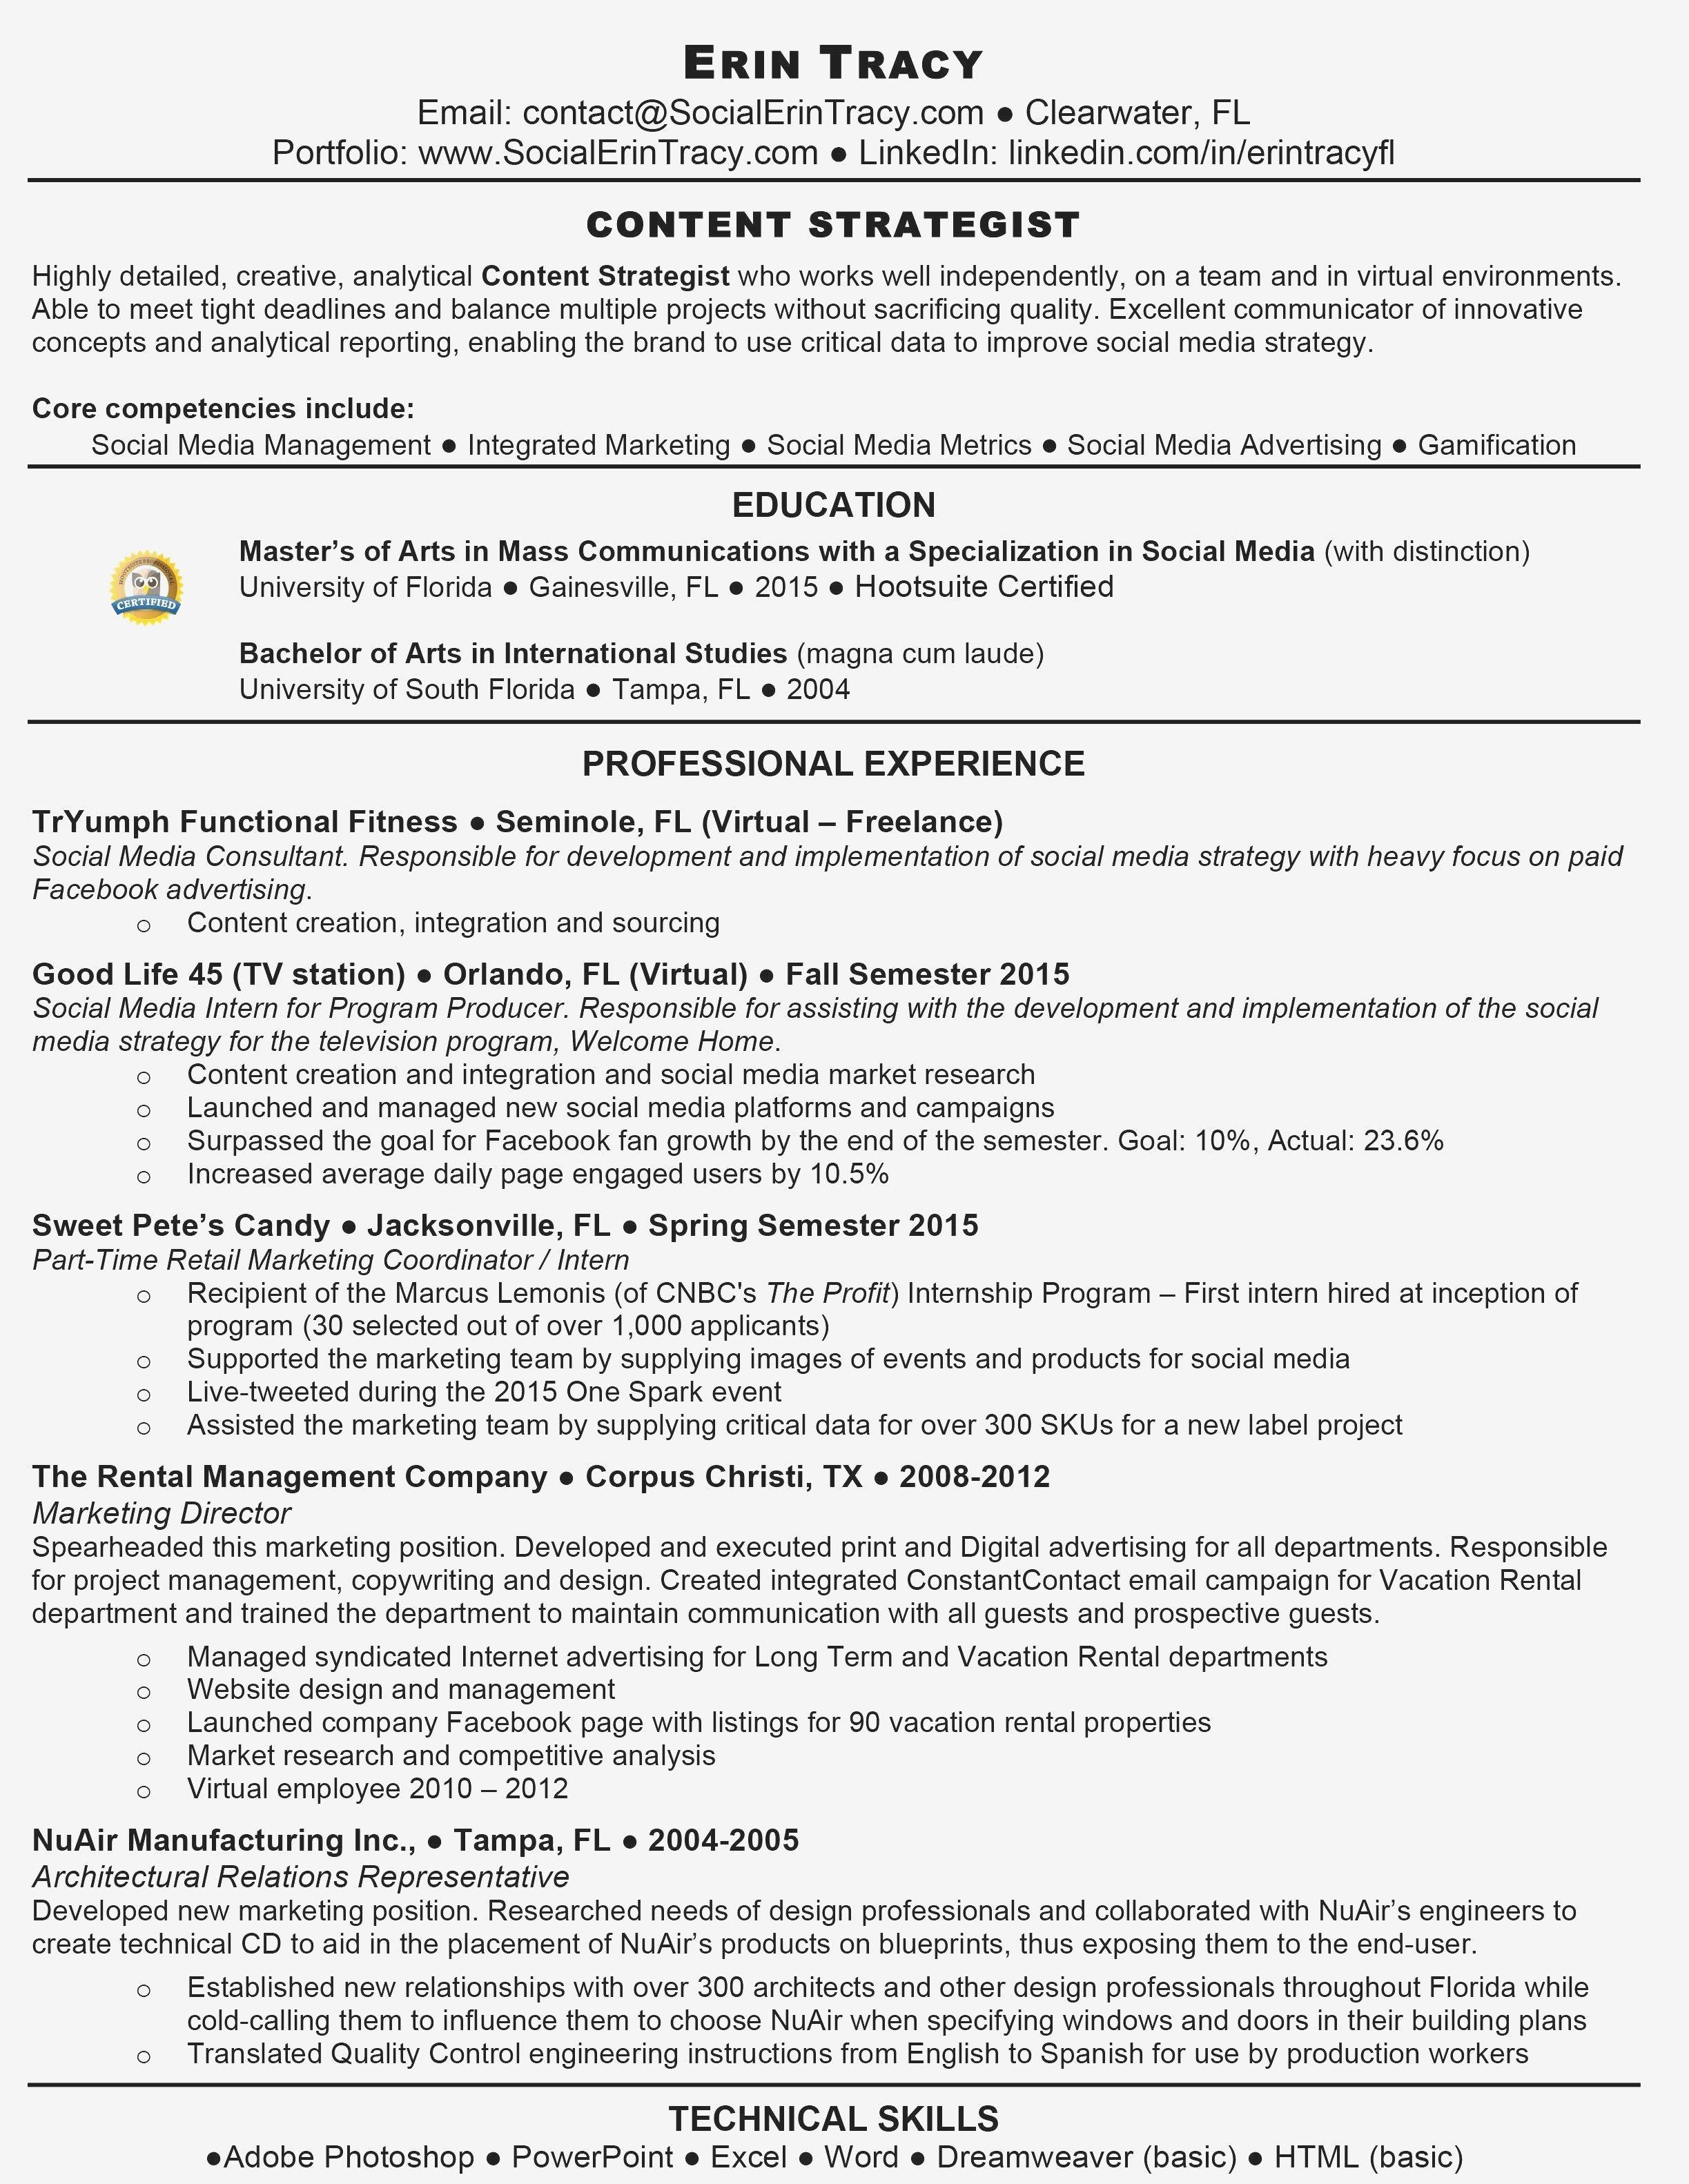 download best of cover letter for job promotion  financial analyst objective resume pilot cv sample pdf website developer